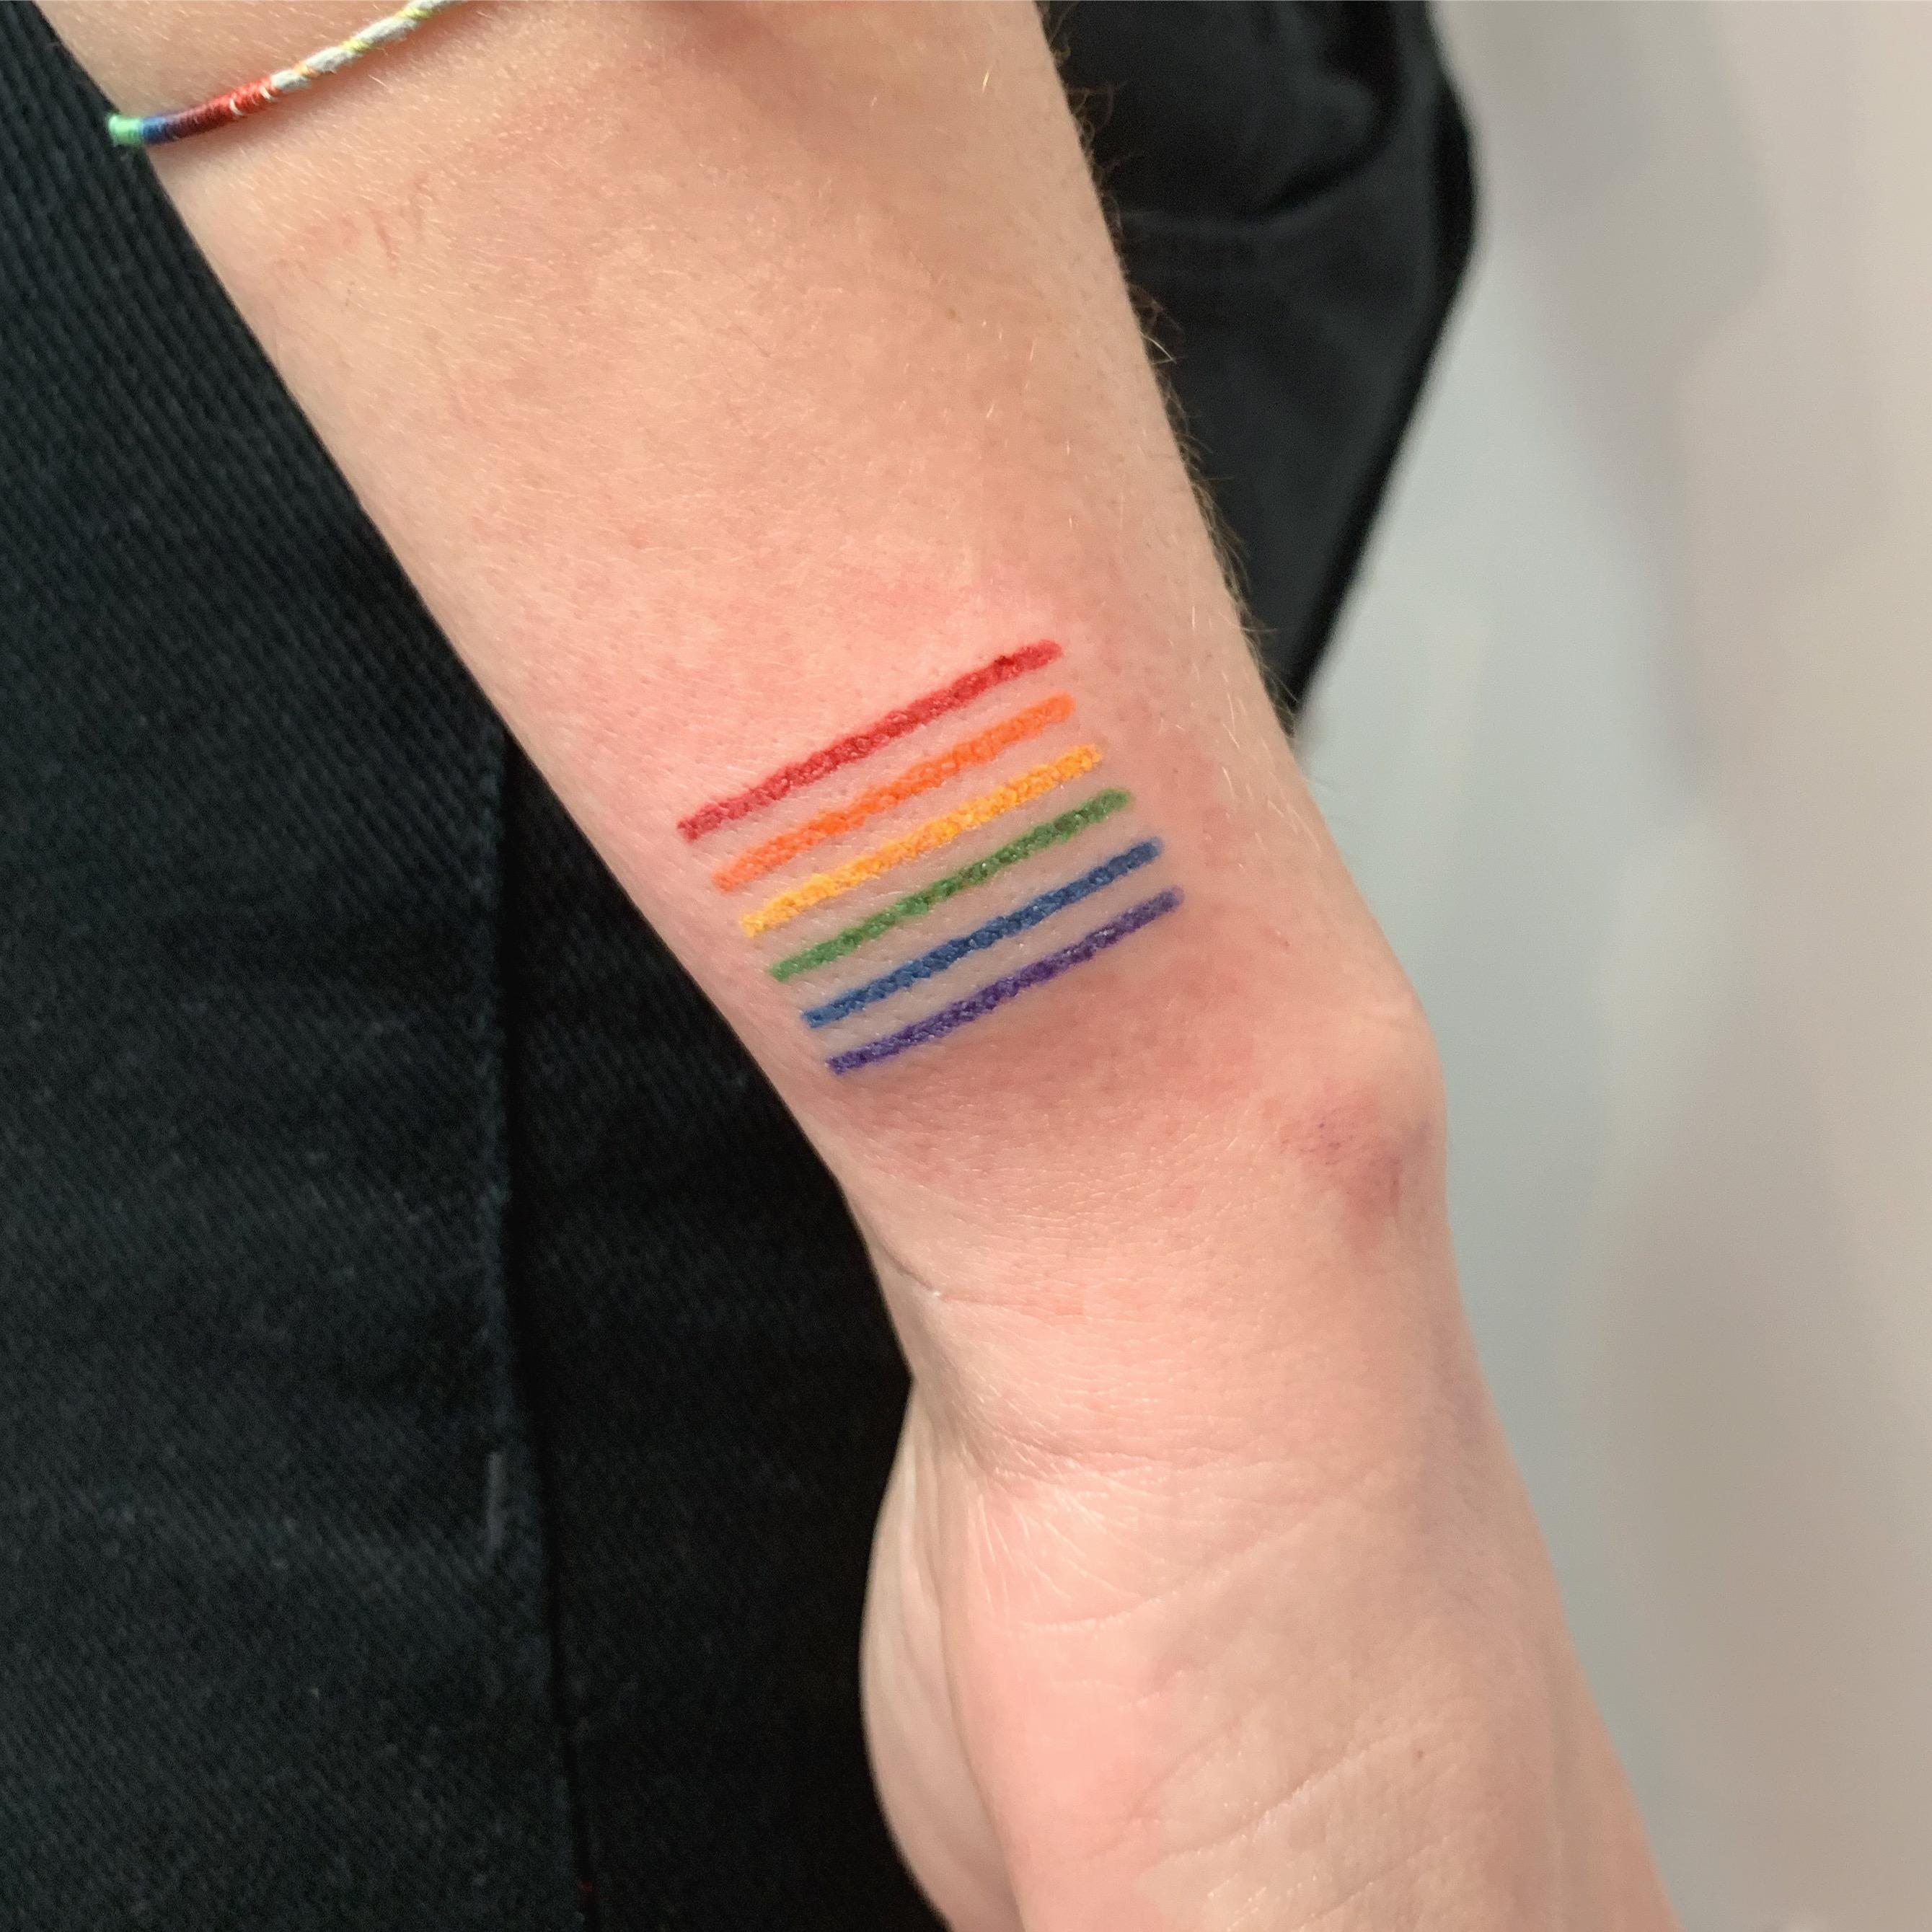 Inksearch tattoo Mniejsza Połowa